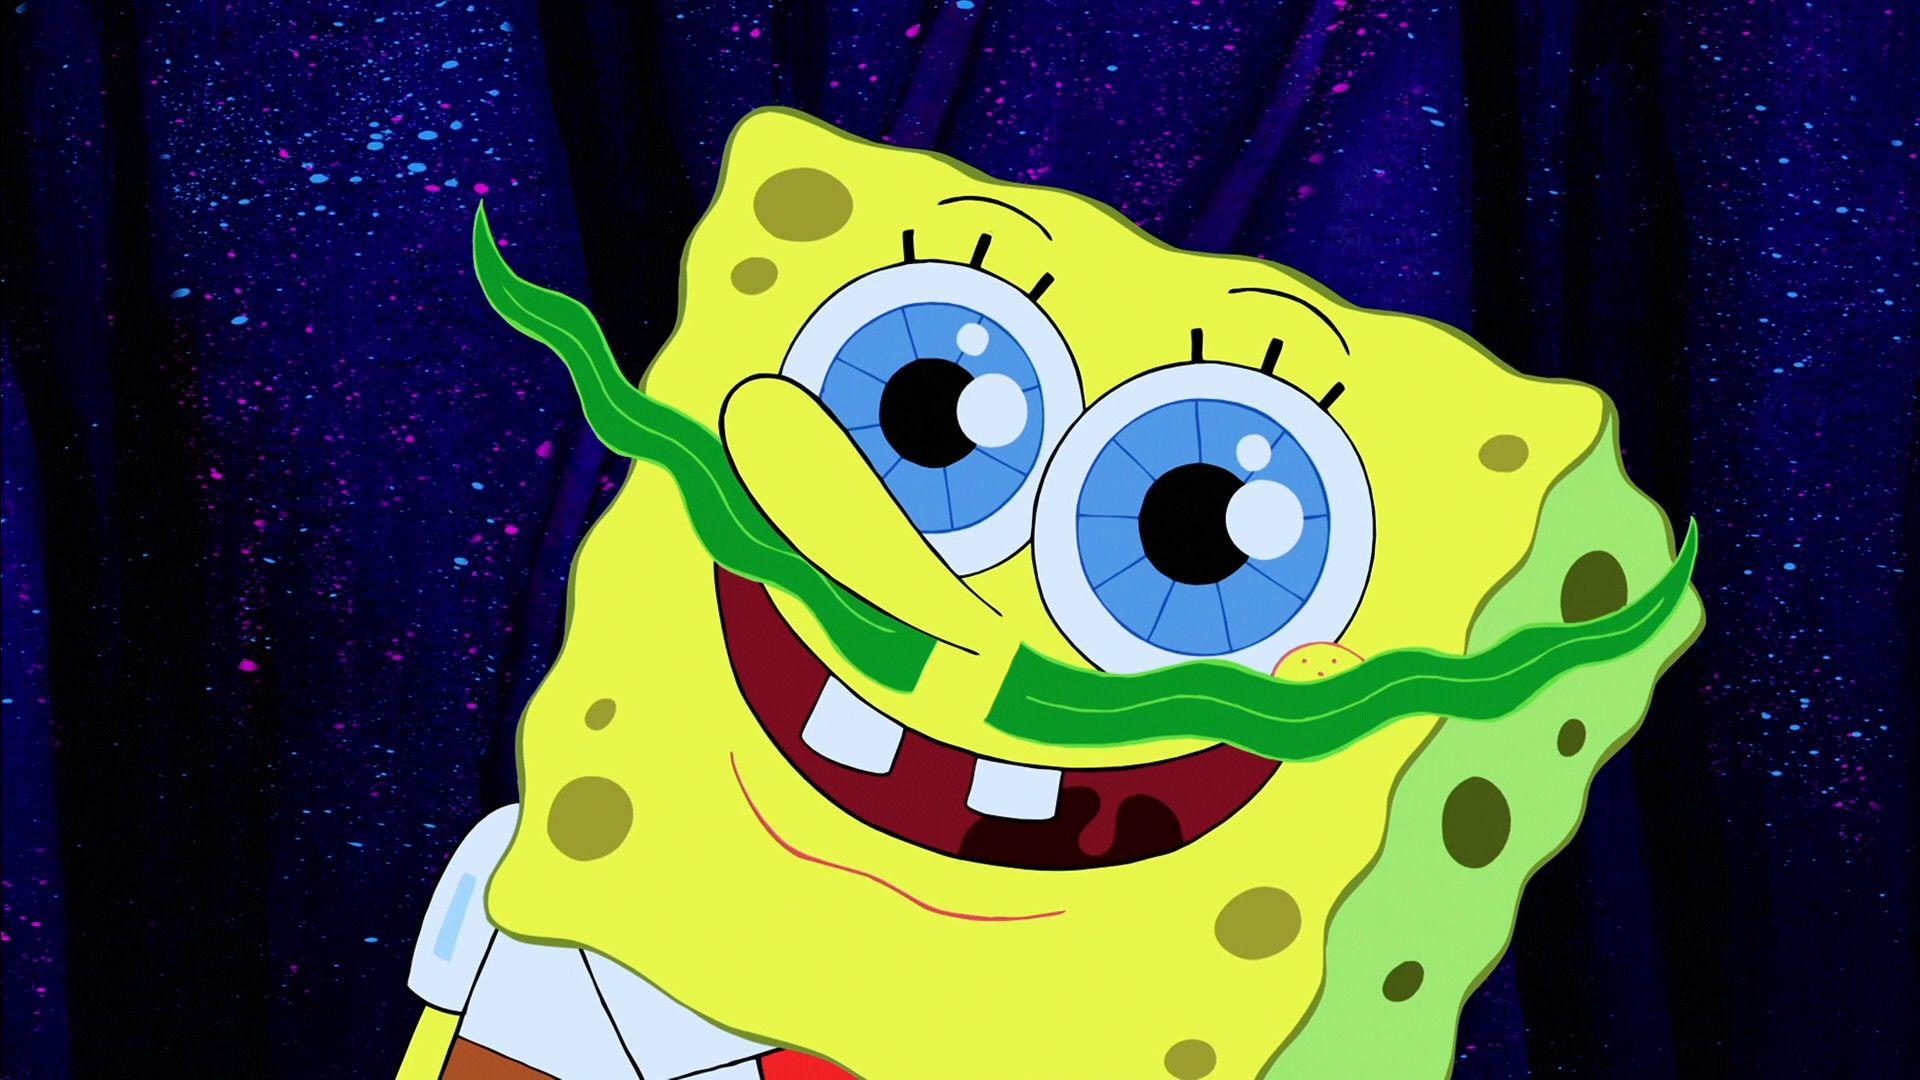 Funny Spongebob Squarepants Pictures Bob esponja, Bob